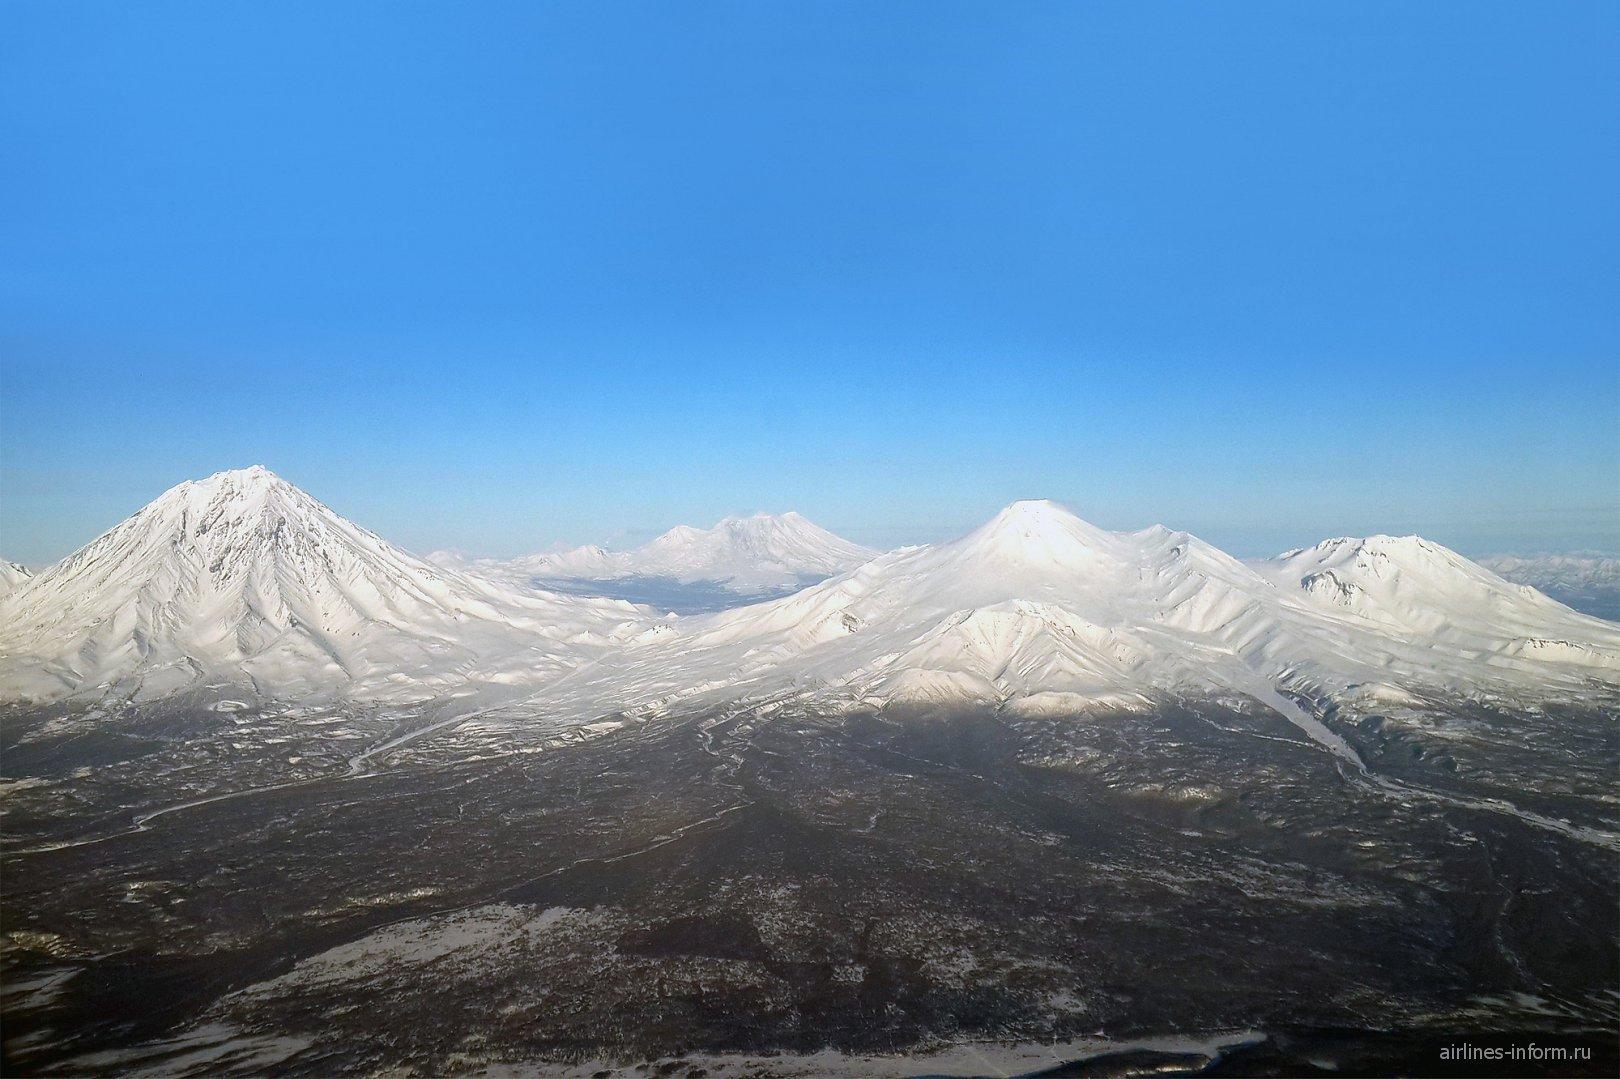 Корякский, Авачинский и Козельский вулканы на Камчатке